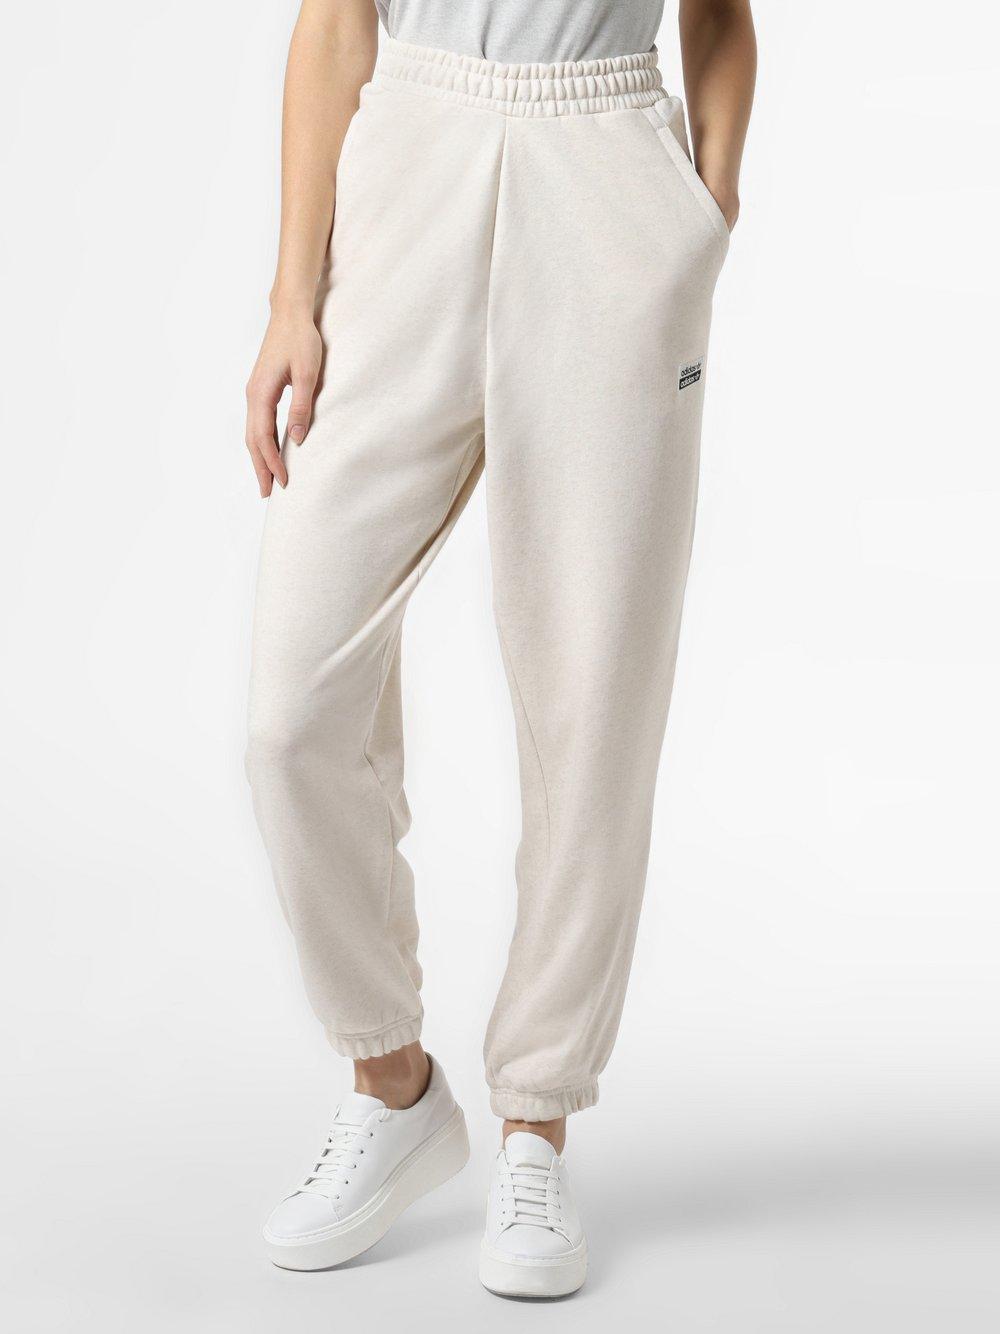 adidas Originals - Damskie spodnie dresowe, beżowy